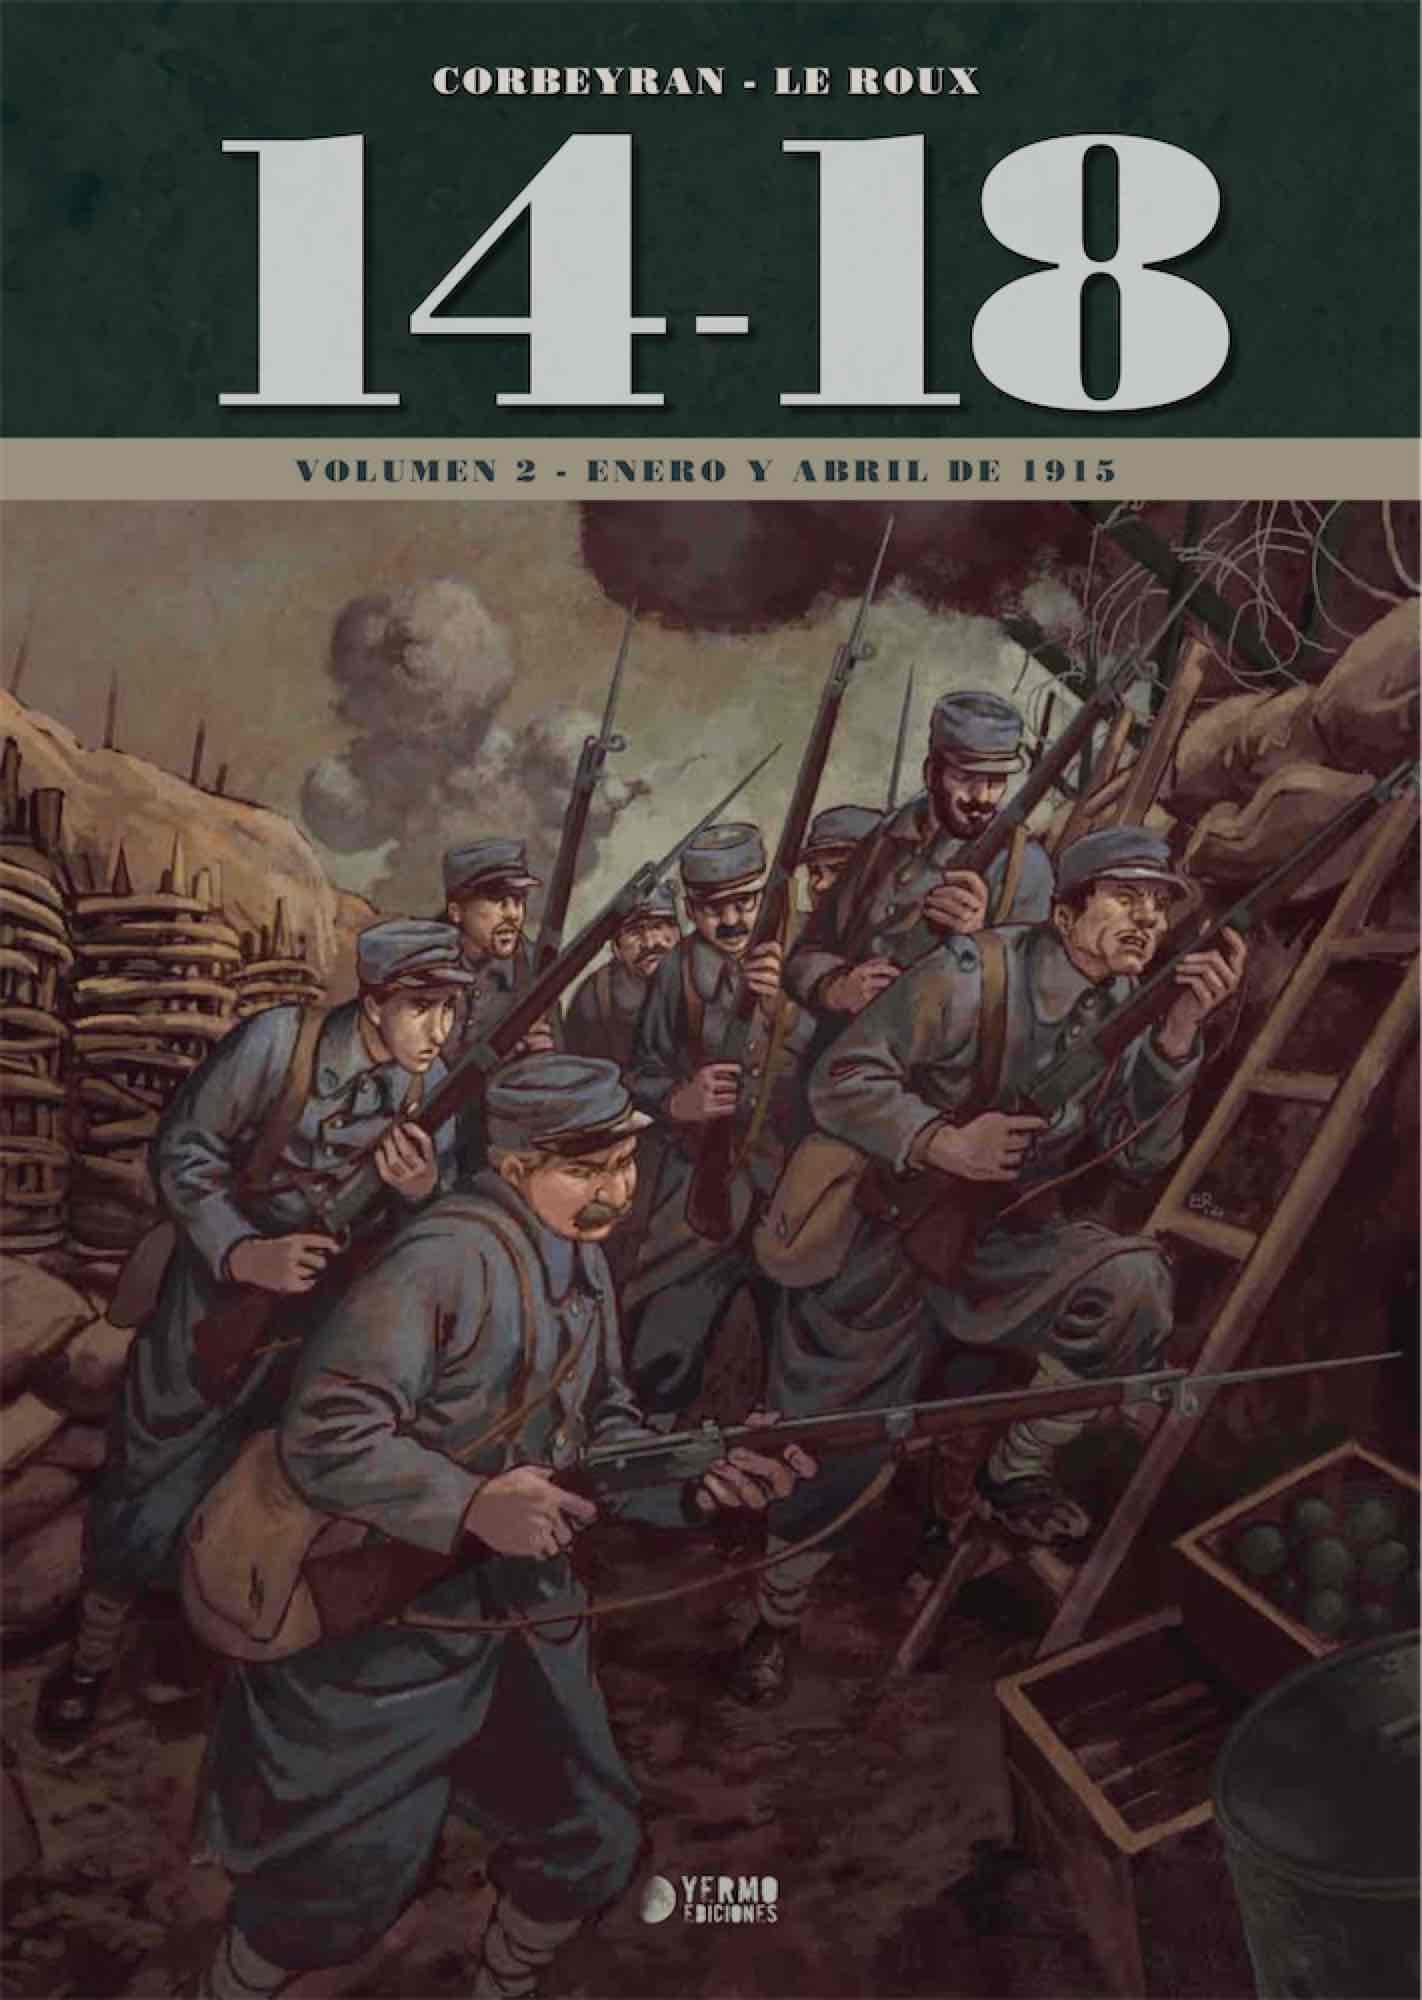 14-18 VOL. 2 (ENERO Y ABRIL DE 1914)